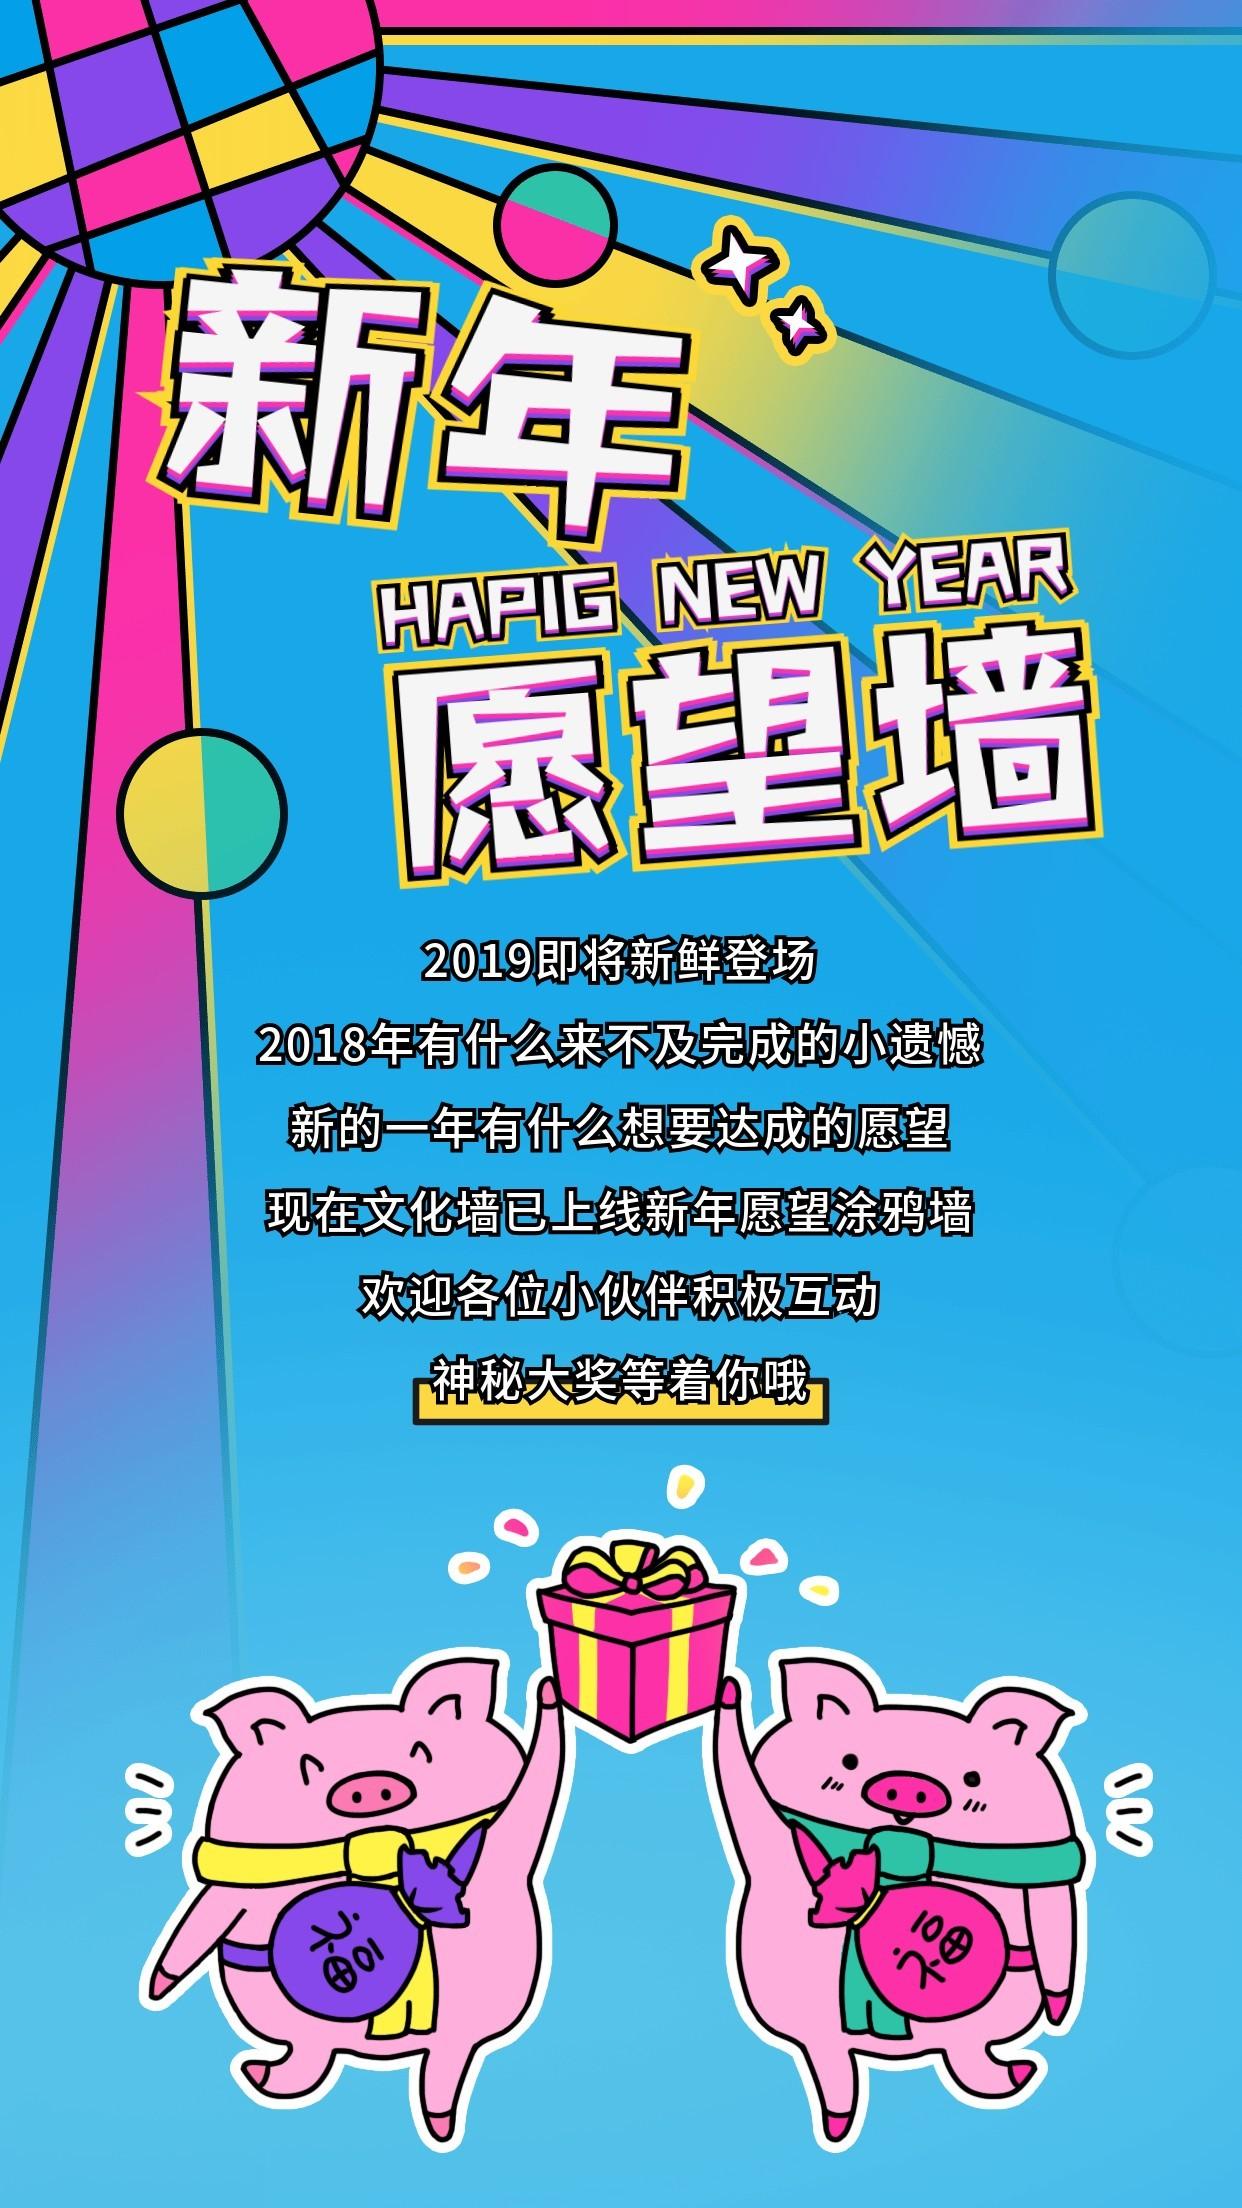 新年愿望墙活动海报